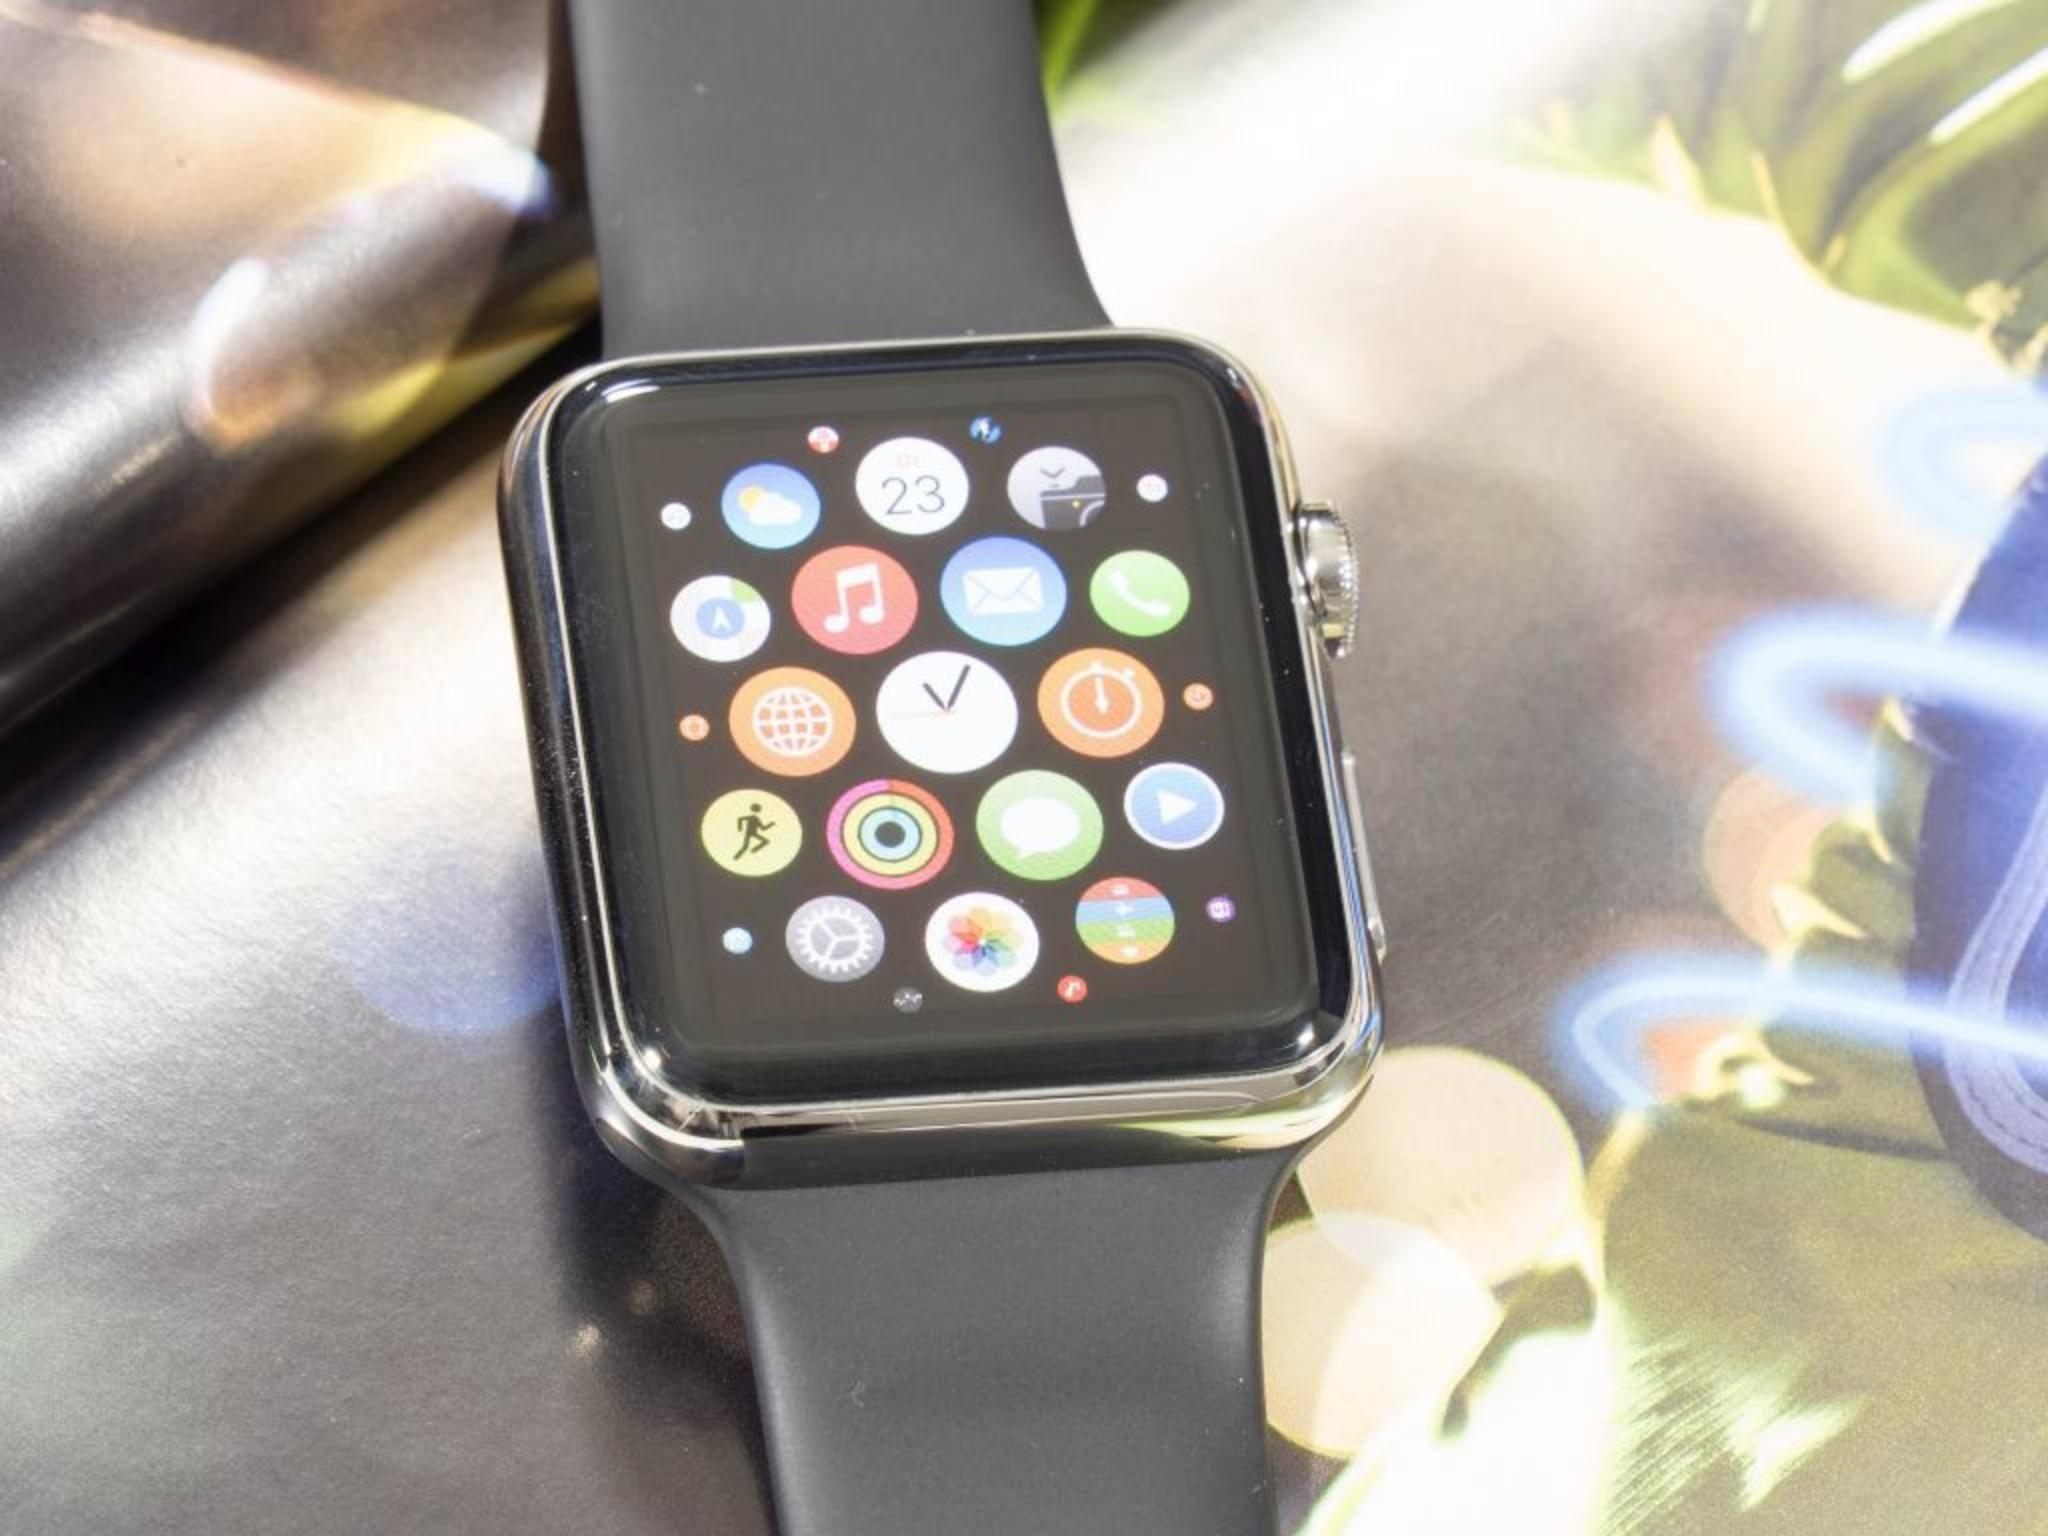 Die Apple Watch 2 soll der ersten Smartwatch-Generation noch sehr ähnlich sehen.